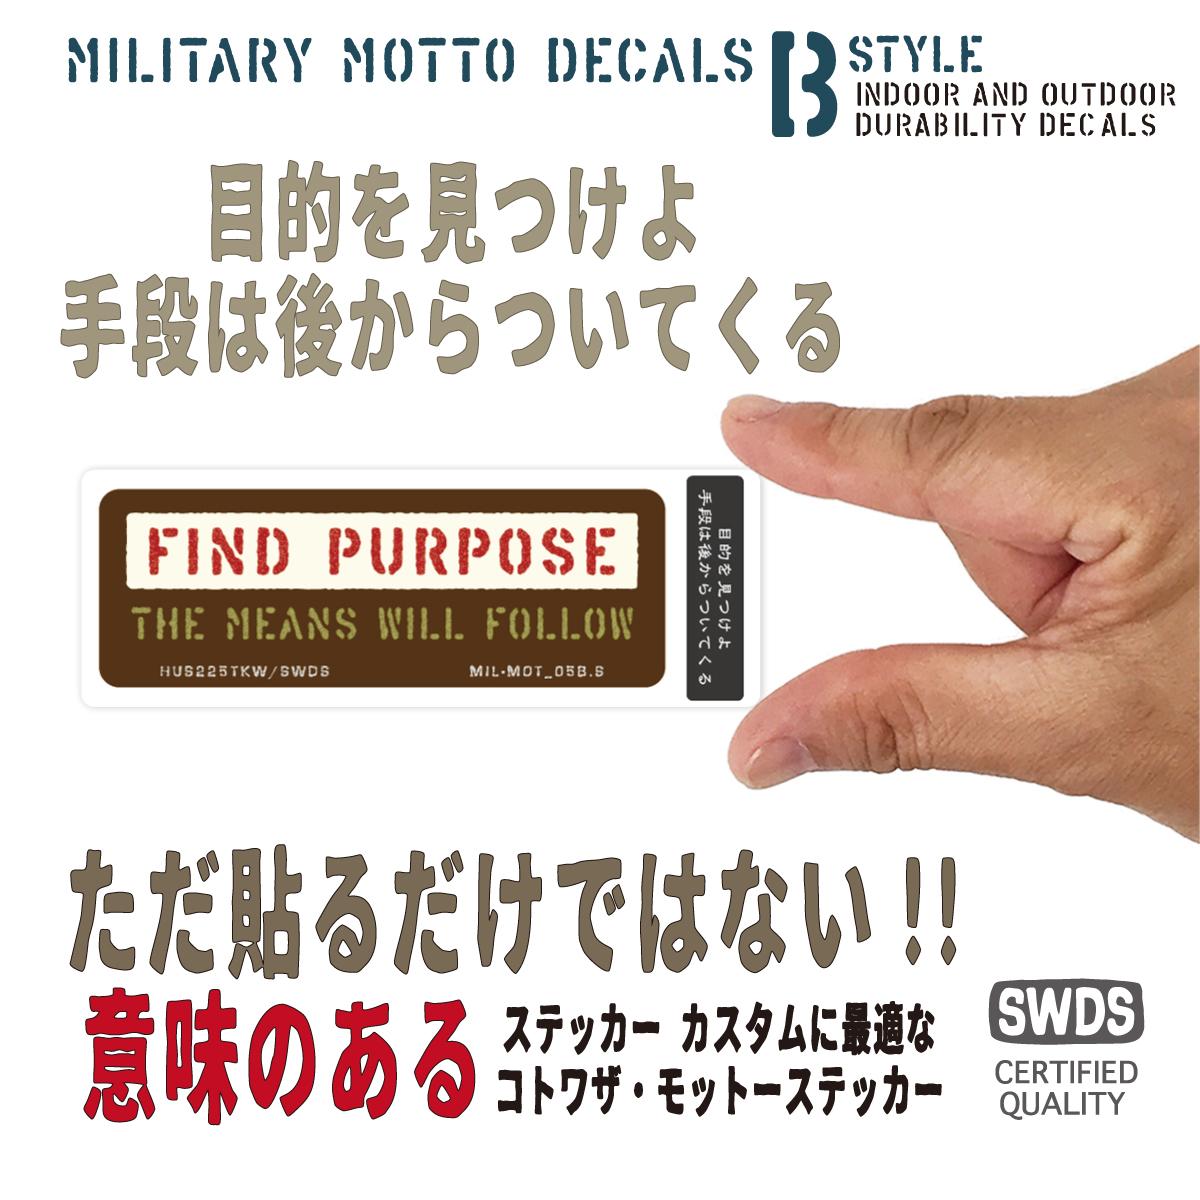 MIL-MOTB-S-005S